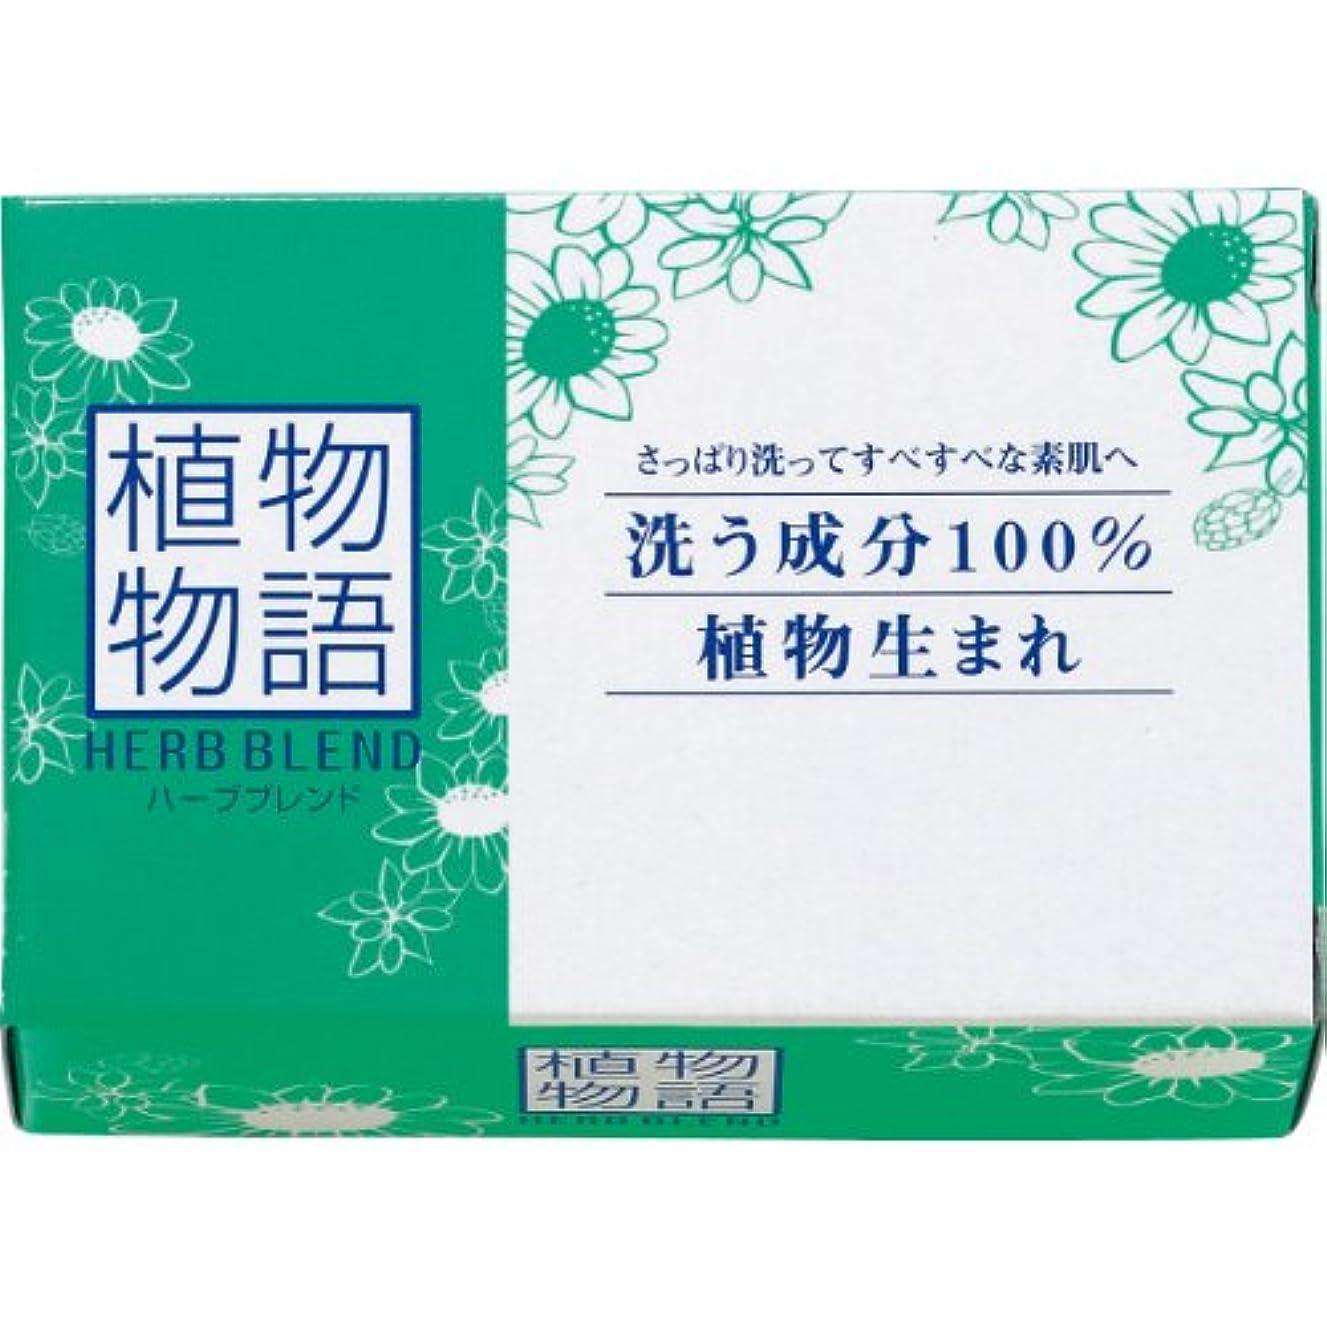 【ライオン】植物物語ハーブブレンド 化粧石鹸 80g